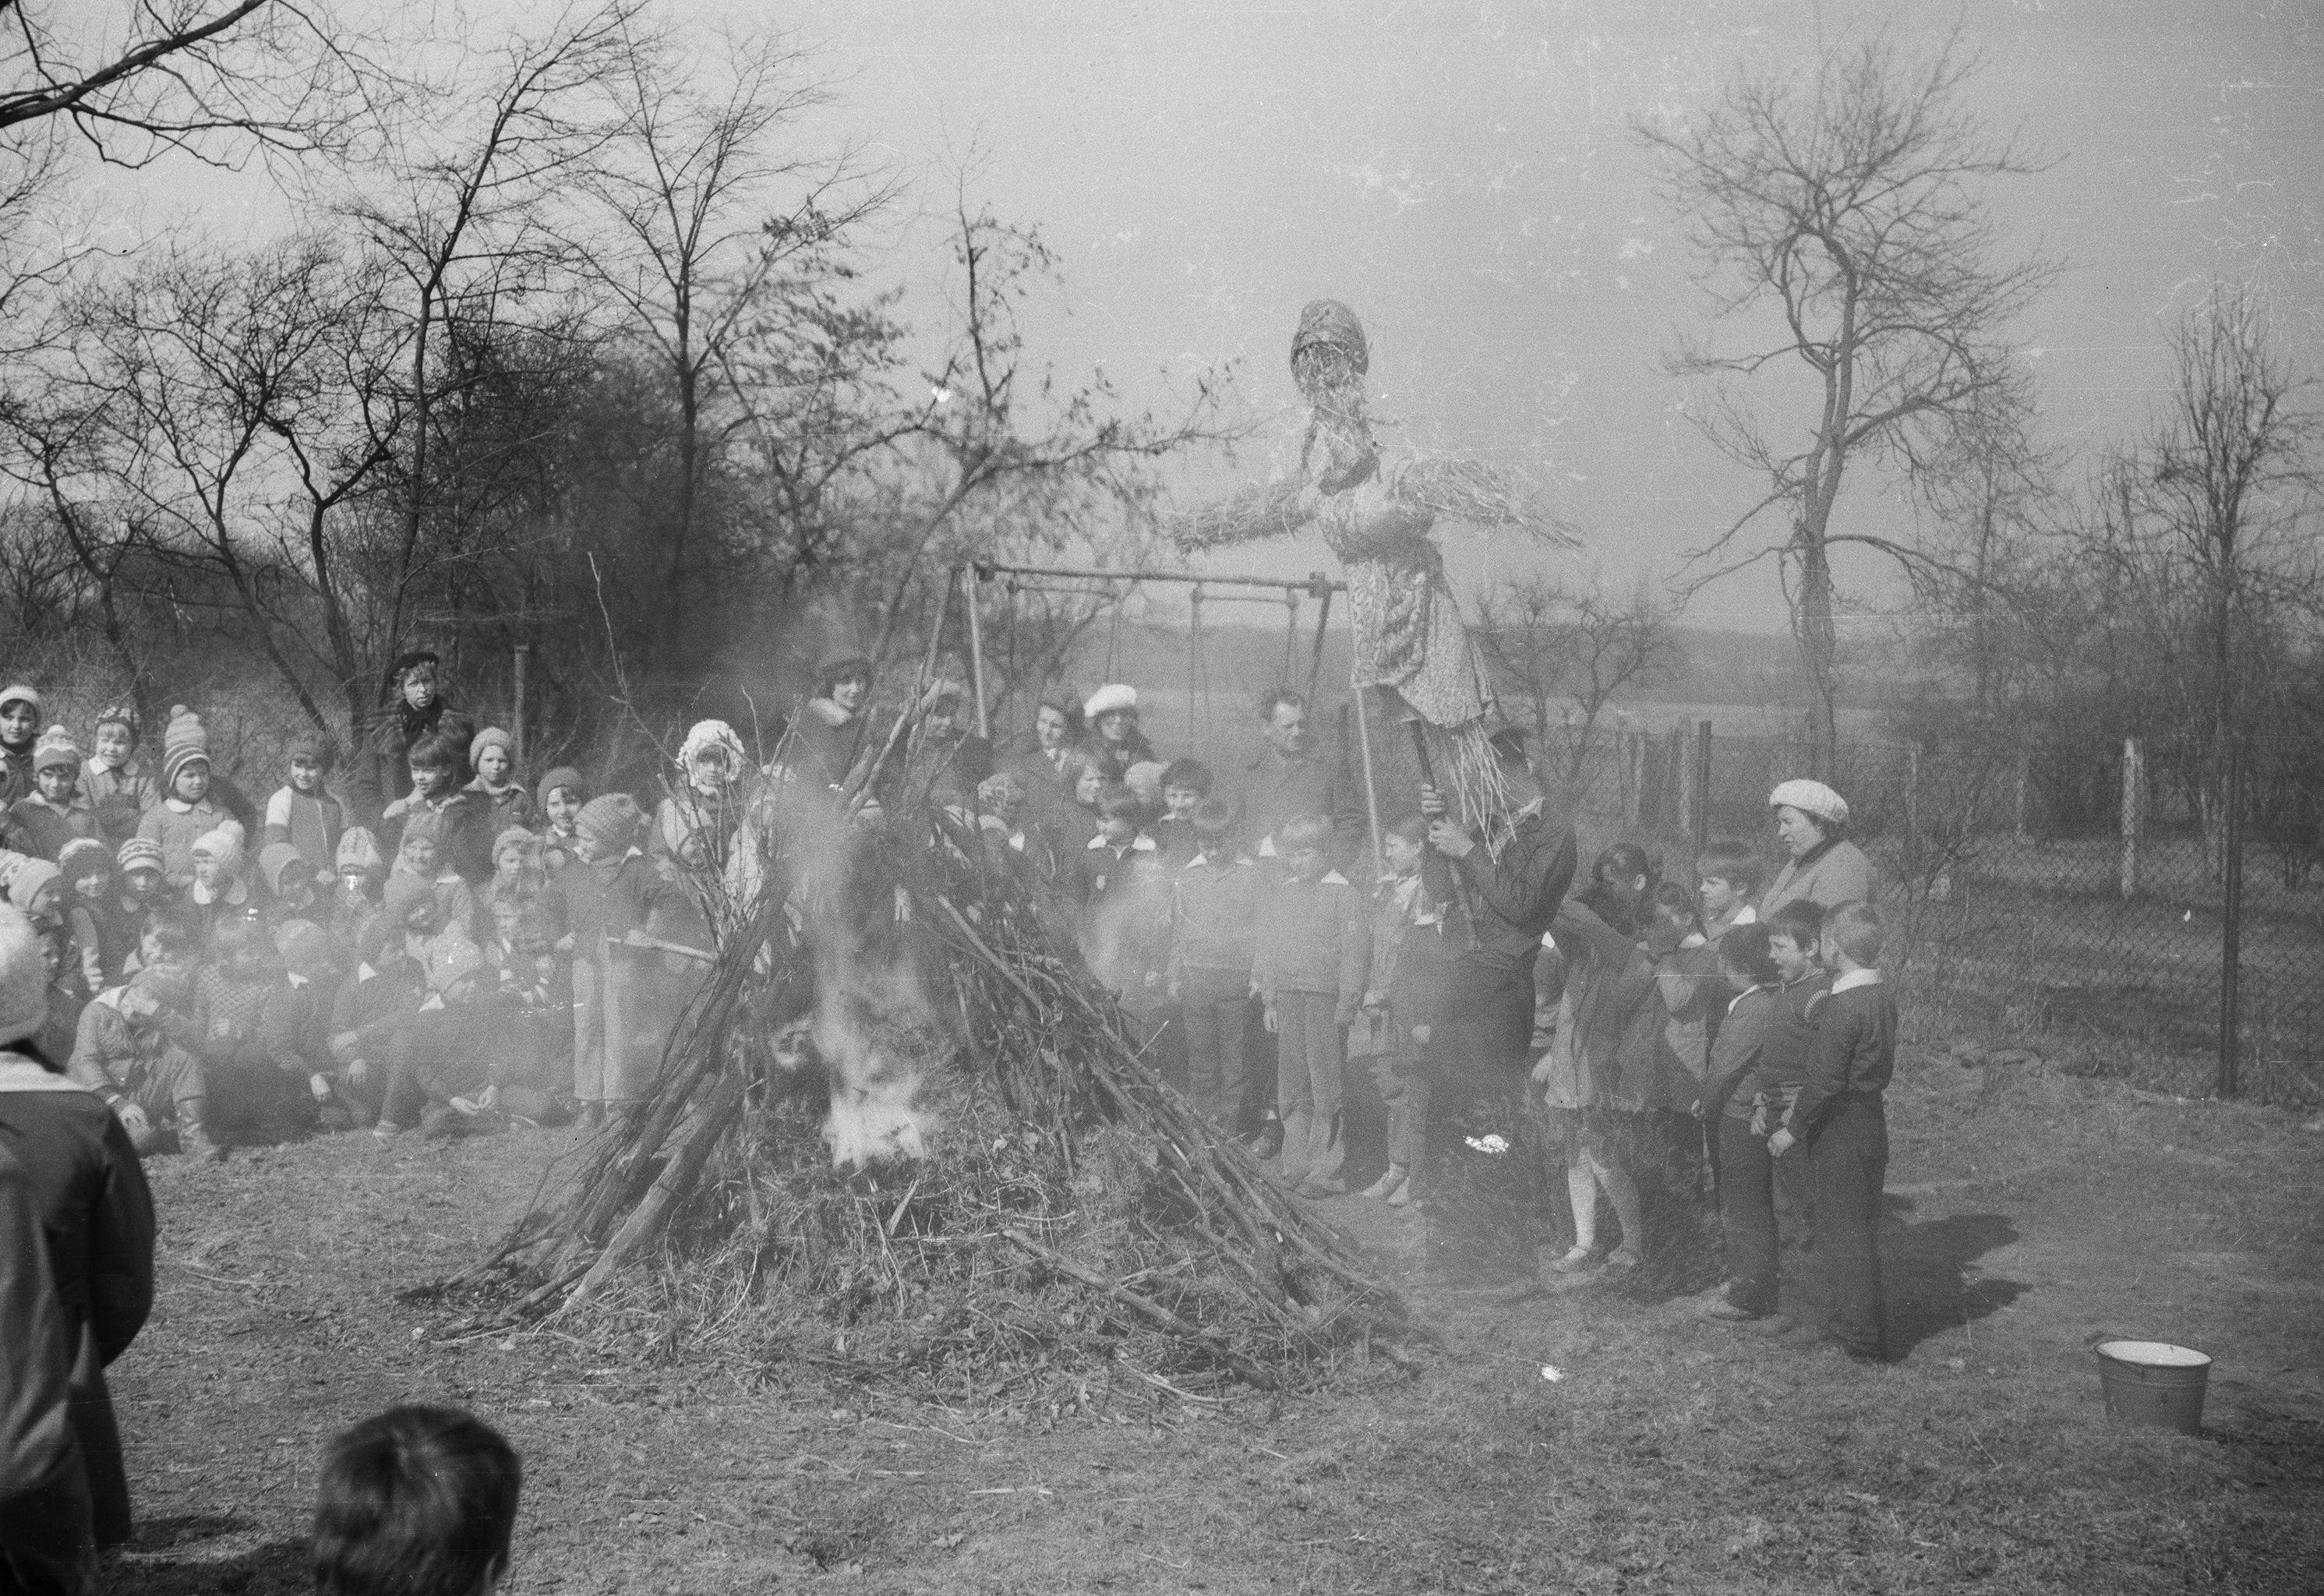 Szkoła w Rudawie - przywitanie wiosny, Rudawa, Dolny Śląsk, lata 80. XX w.